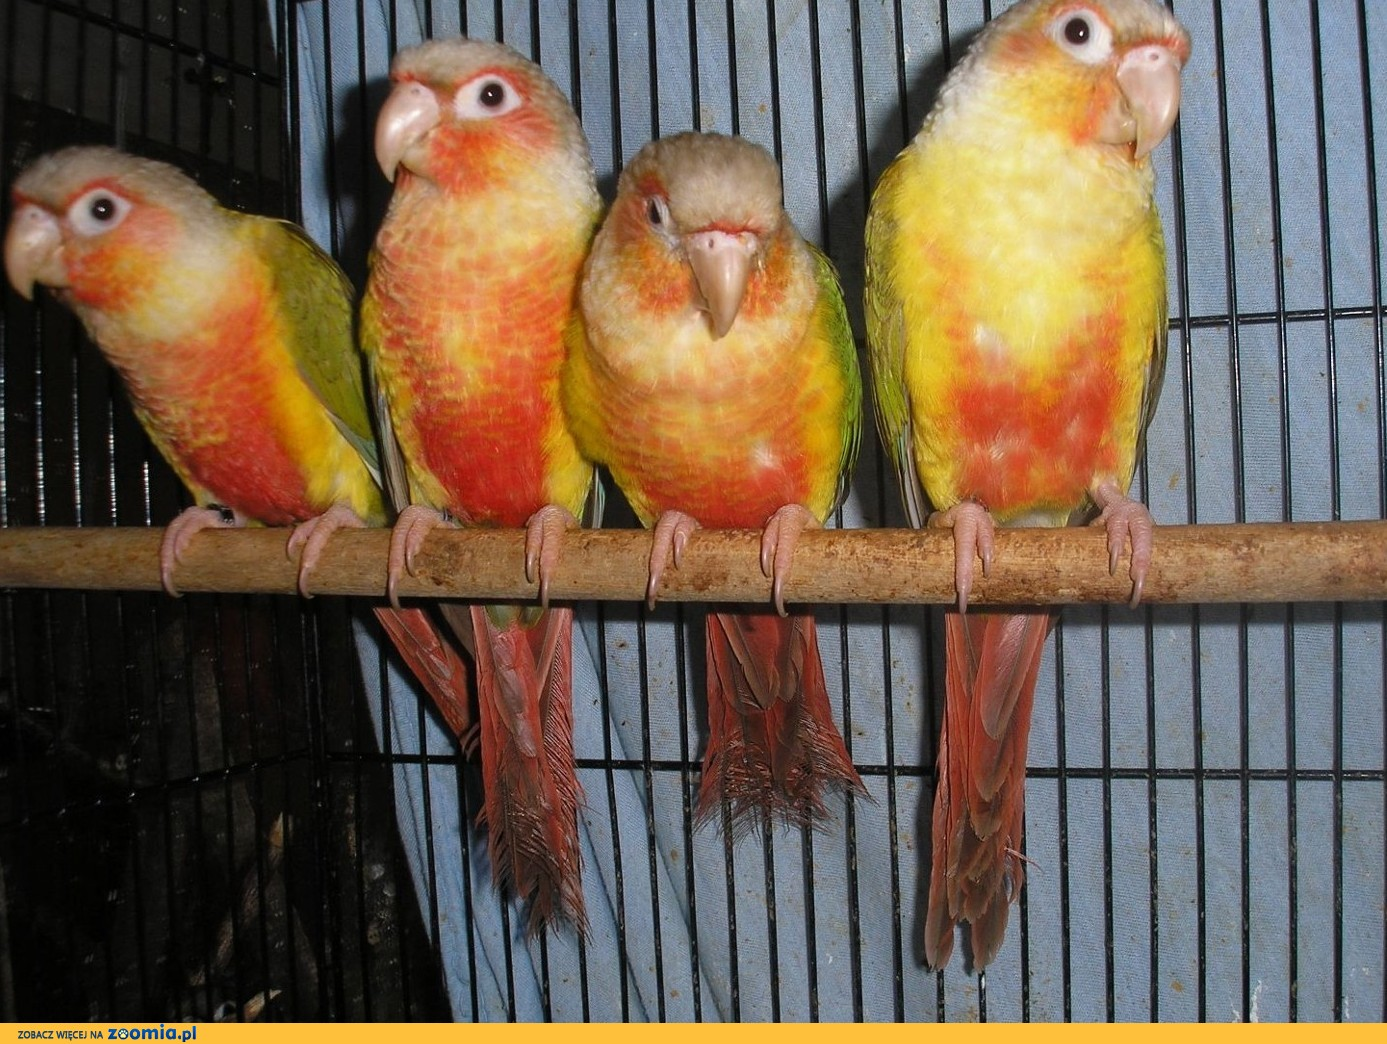 Papugi - Rudosterki - Ręcznie karmione!